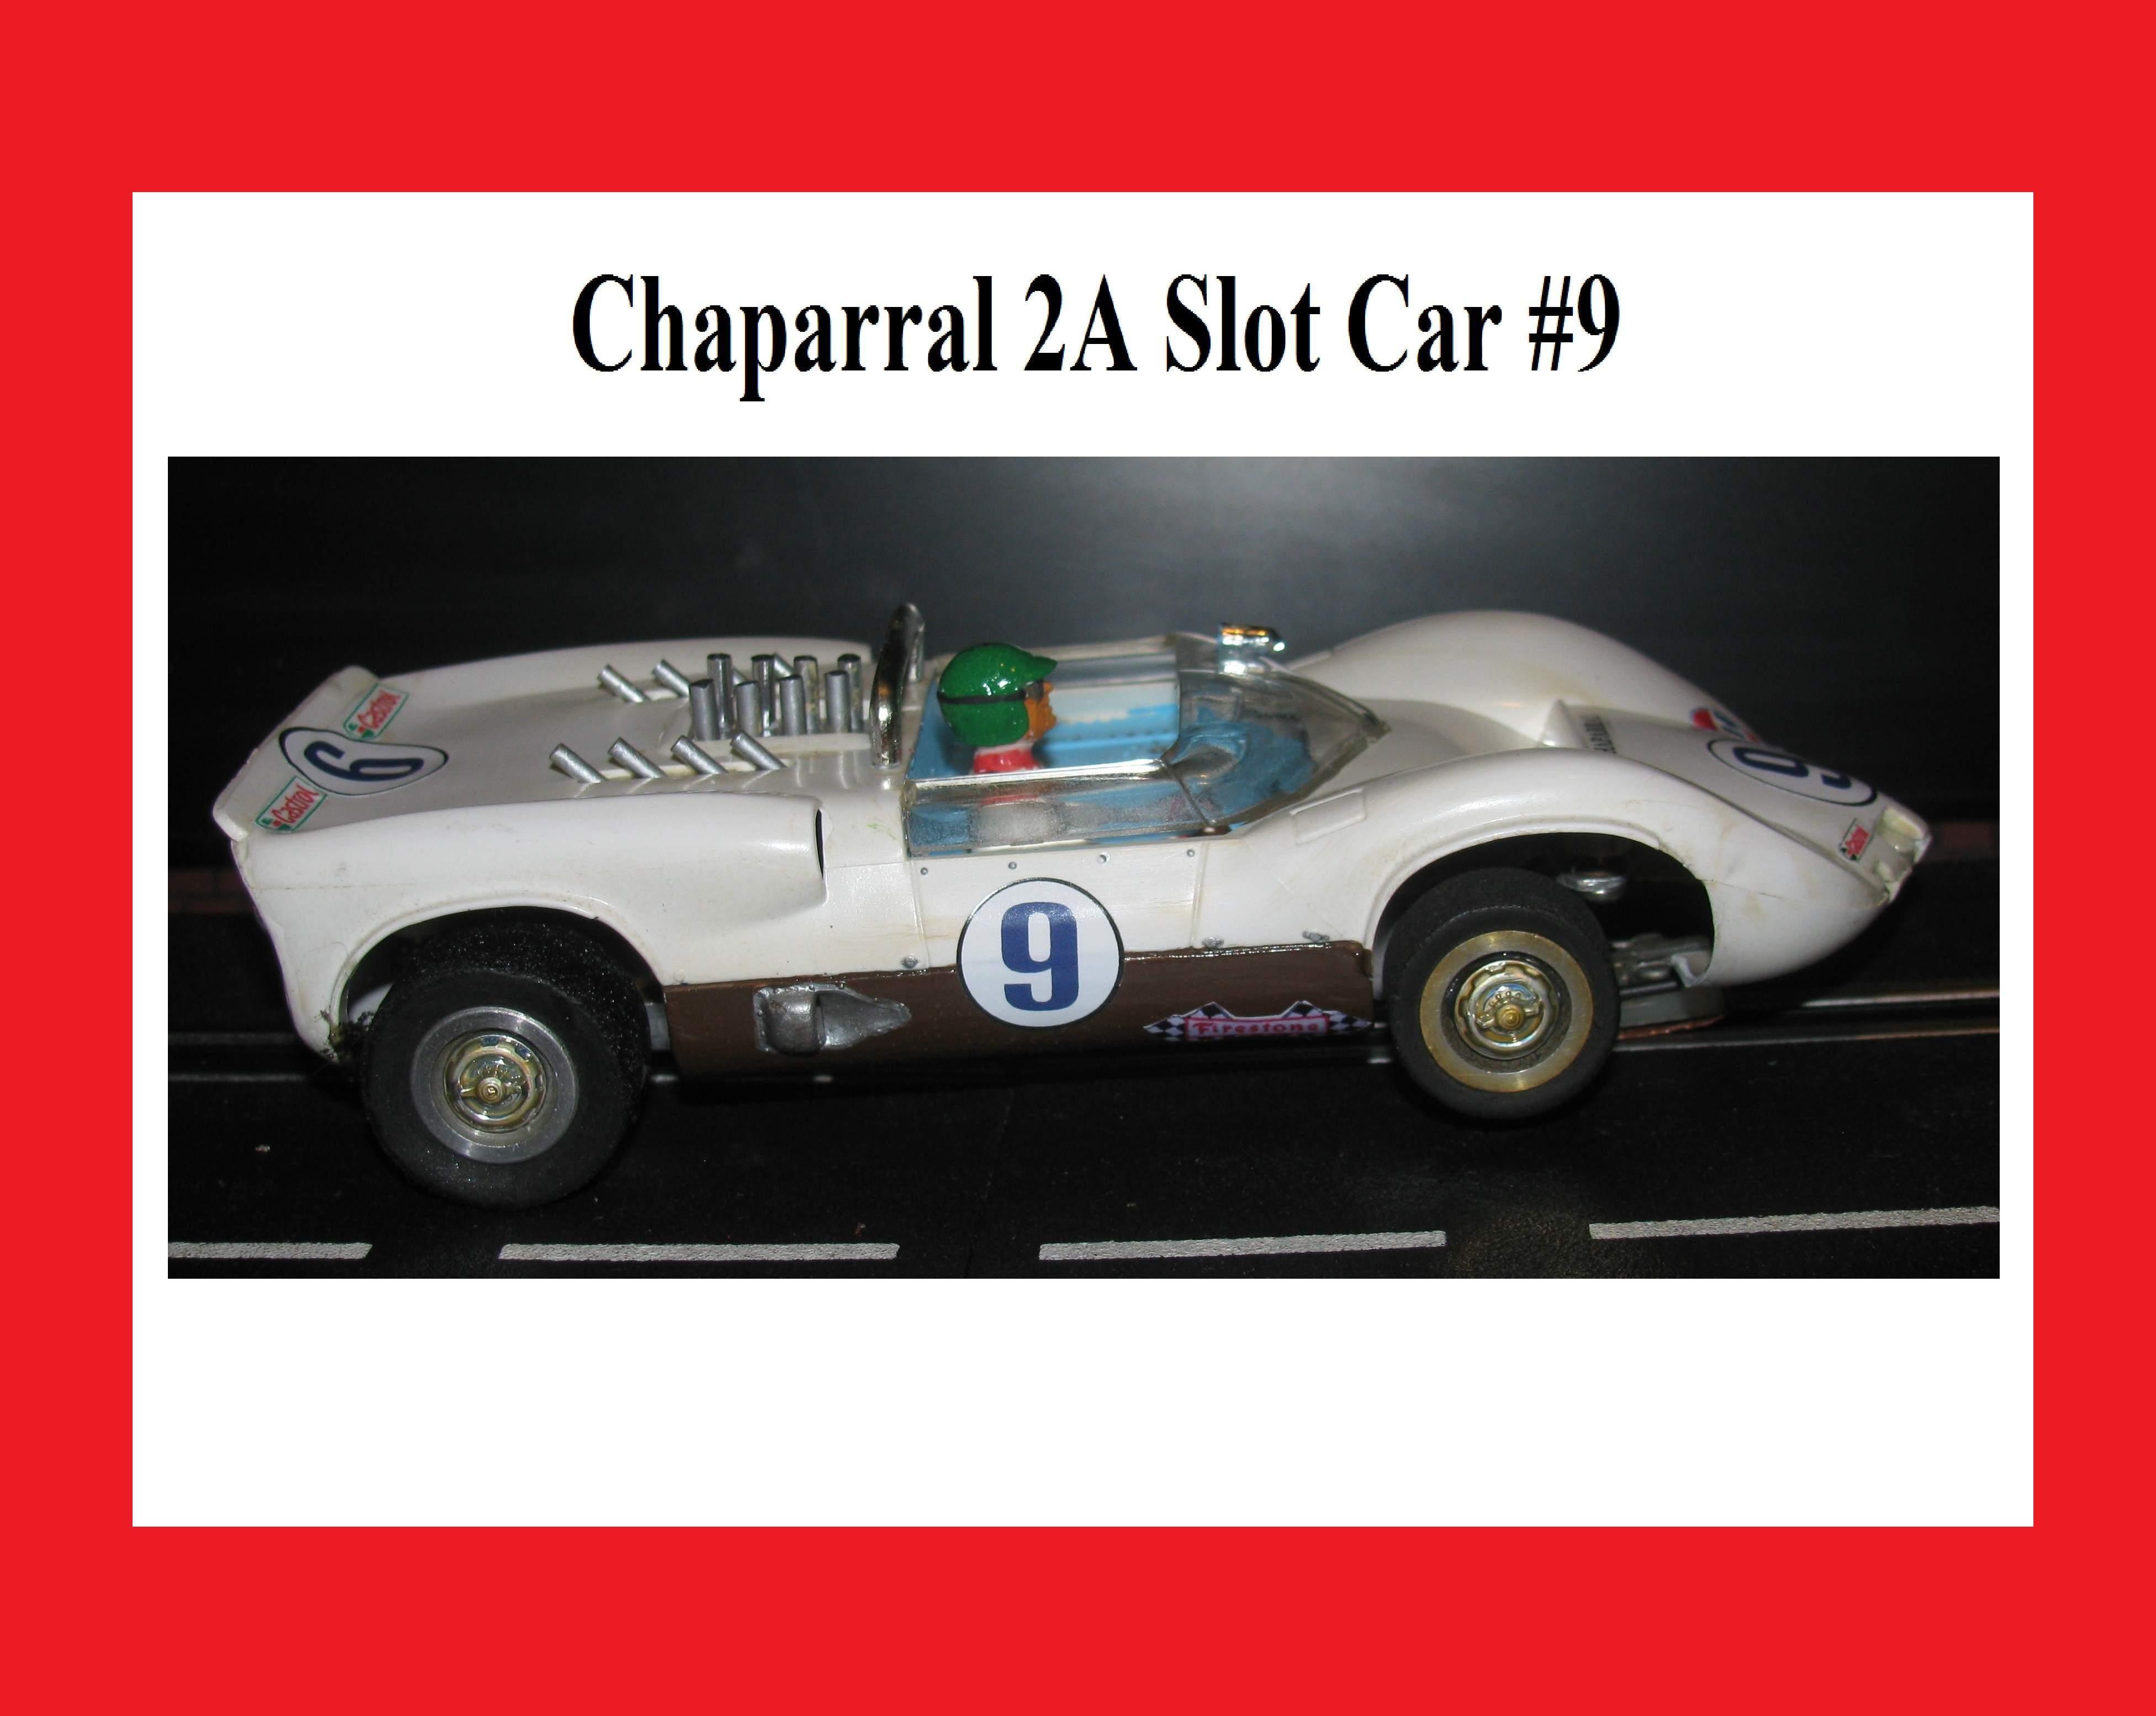 * Winter Super Sale * Vintage Chaparral 2A Slot Car #9 1:24 Scale